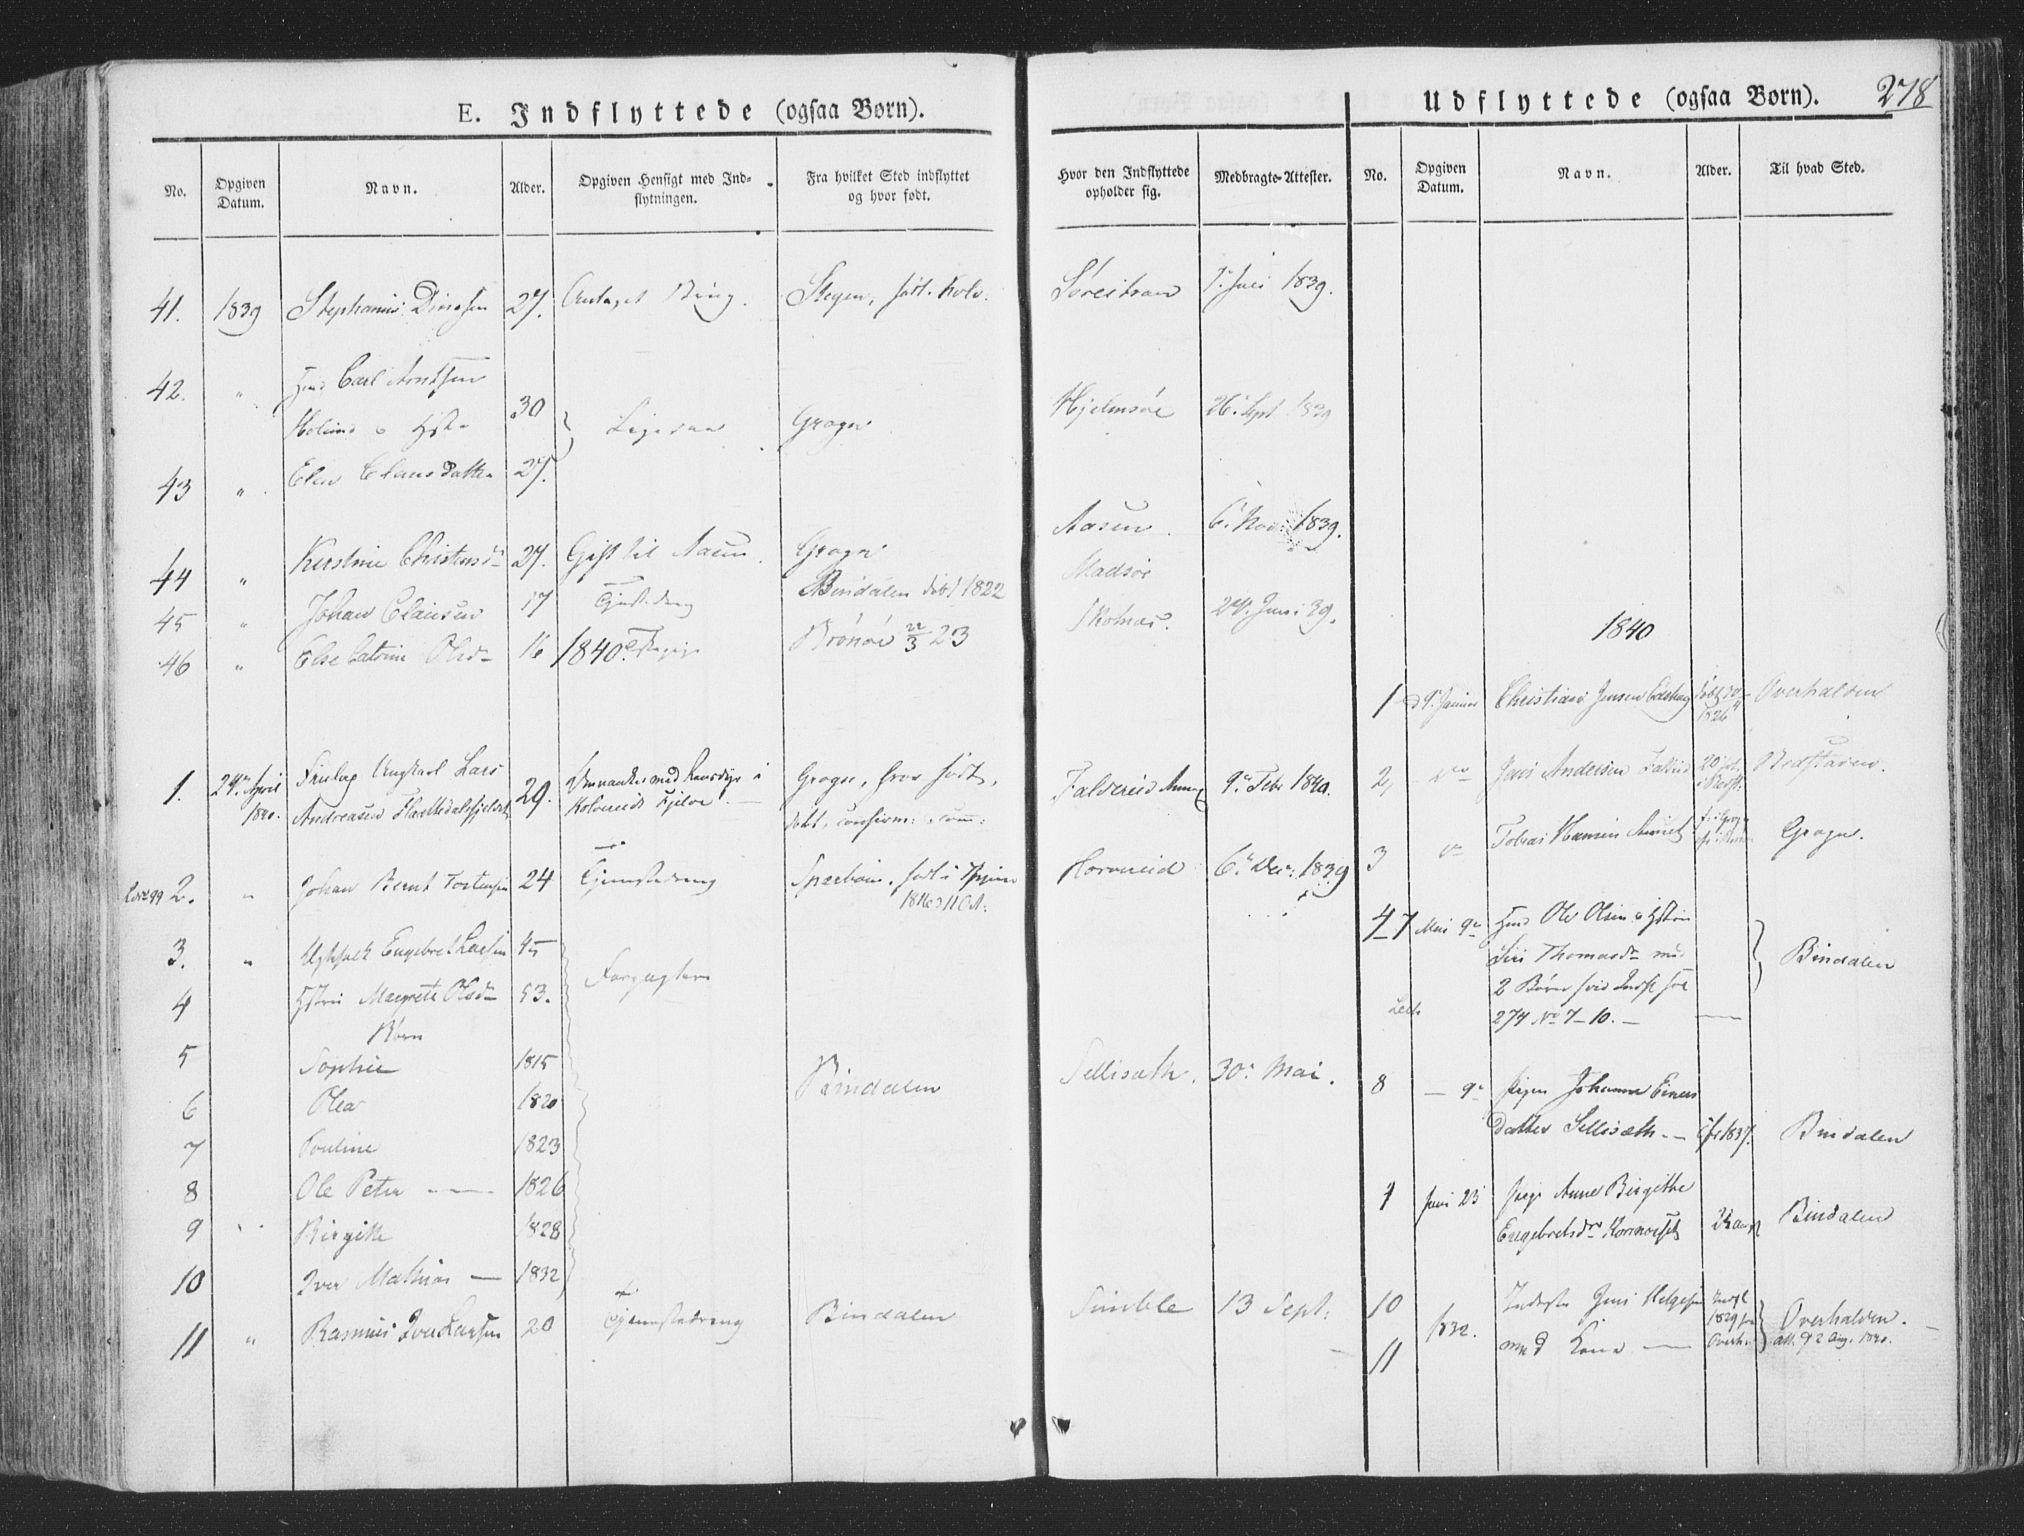 SAT, Ministerialprotokoller, klokkerbøker og fødselsregistre - Nord-Trøndelag, 780/L0639: Ministerialbok nr. 780A04, 1830-1844, s. 278